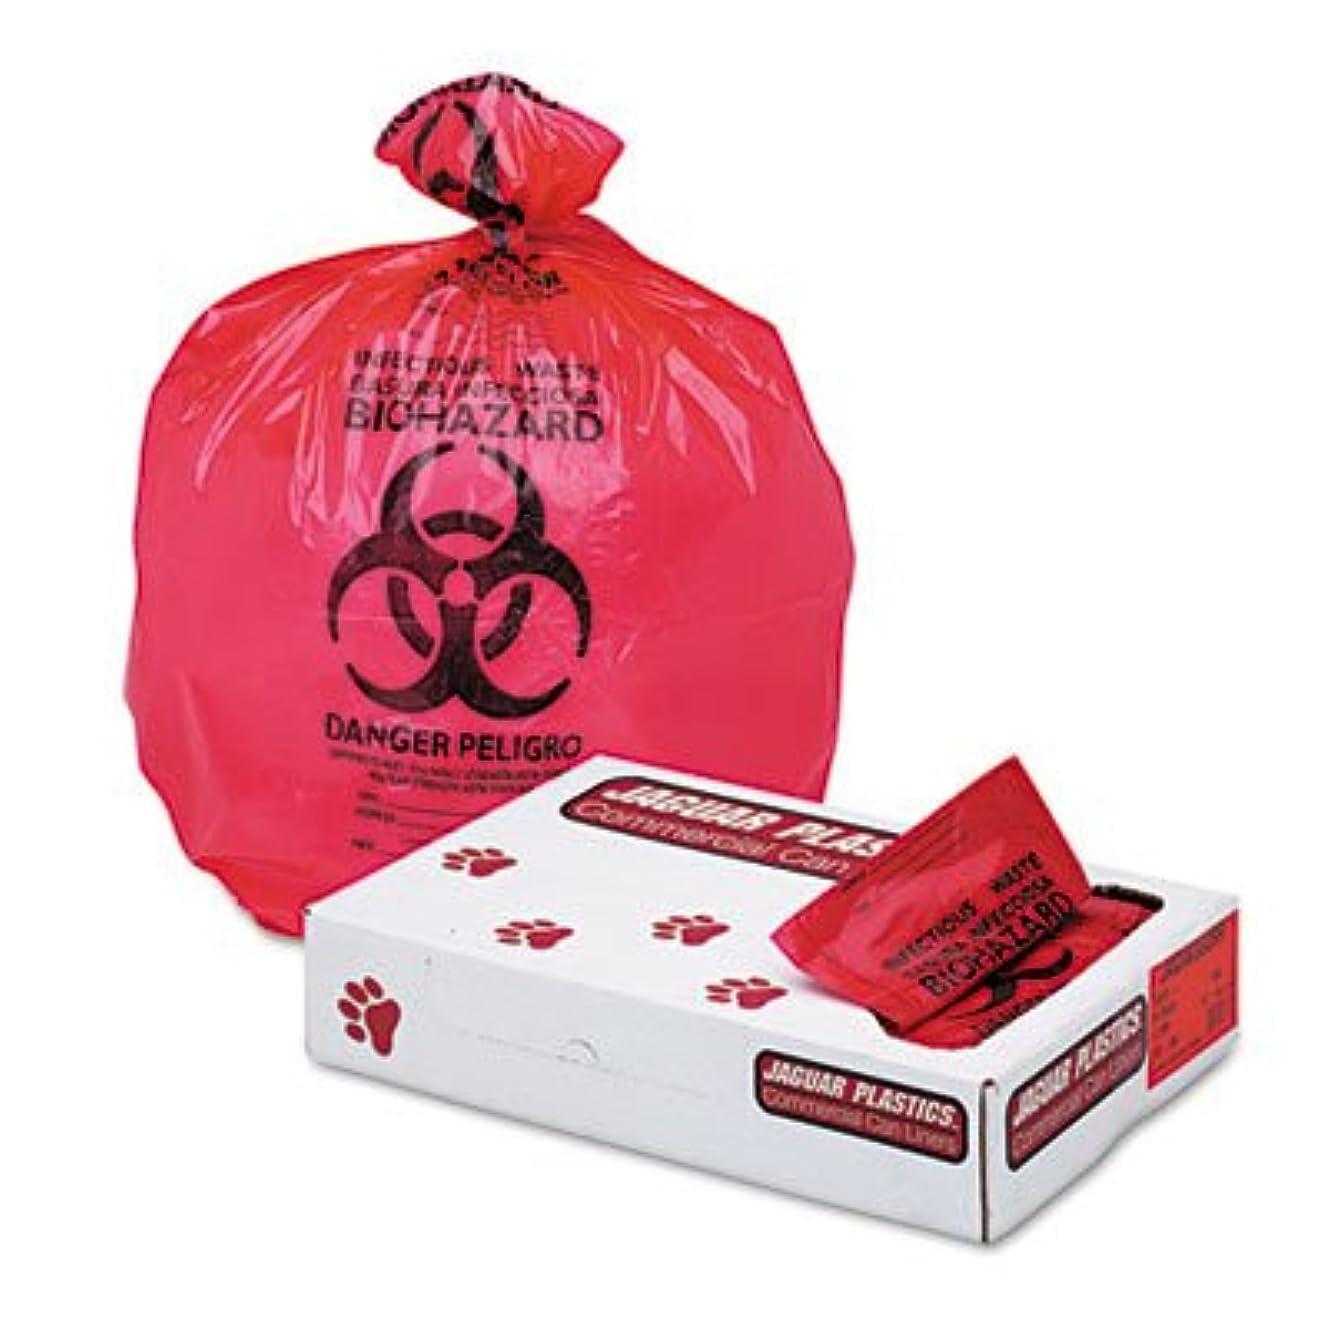 社員ゆり狂うジャガープラスチックiw3339rヘルスケア「バイオハザード」プリントLiners、1.3?Mil、33?x 39、赤、150?/カートン